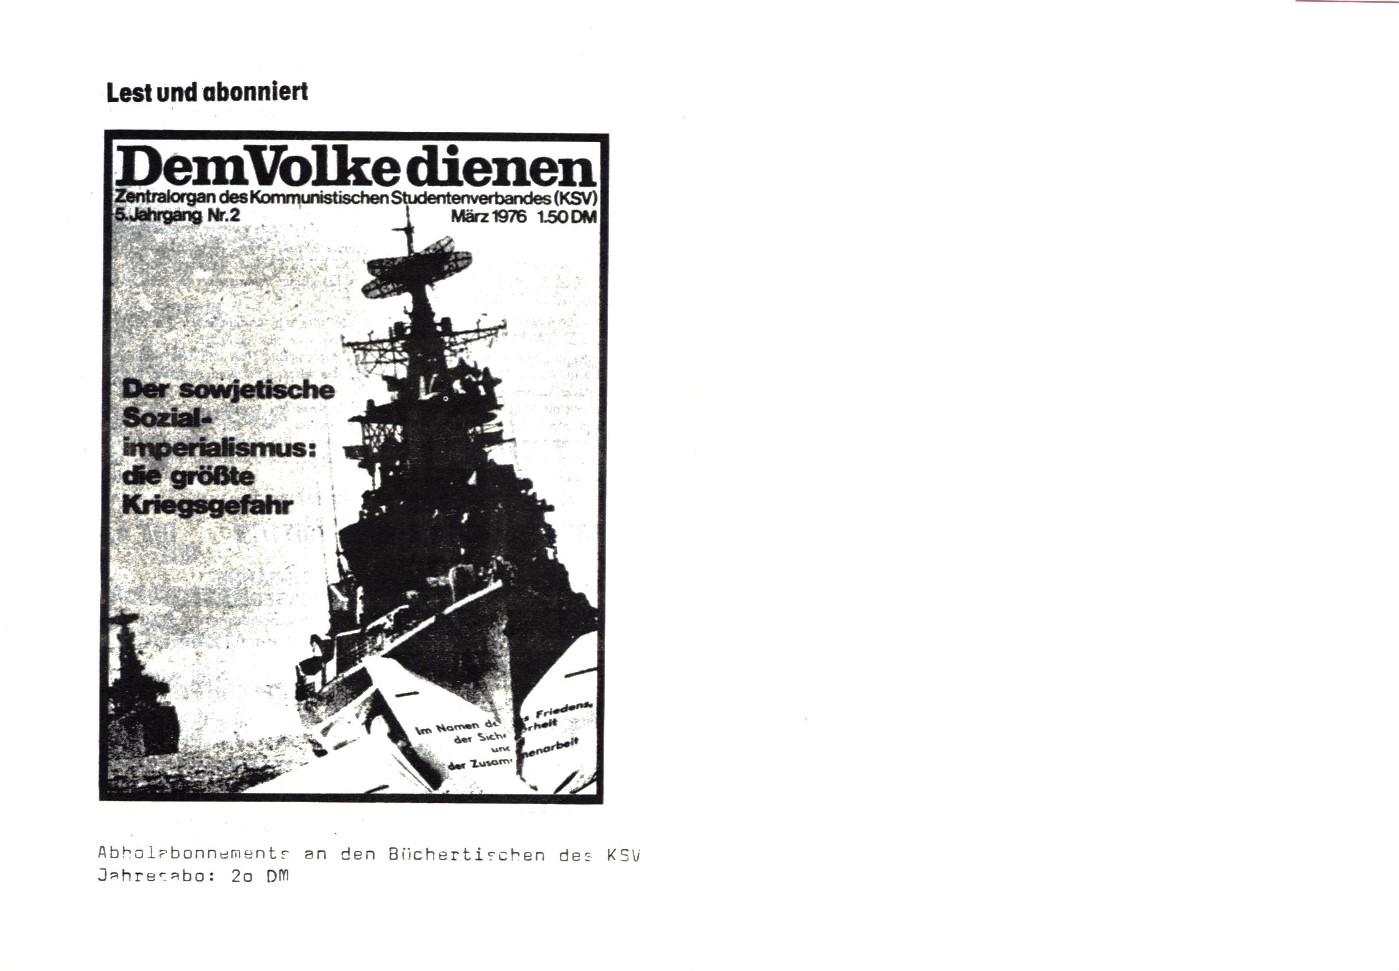 Berlin_KSV_1976_Arbeiteraufstand_in_Polen_16